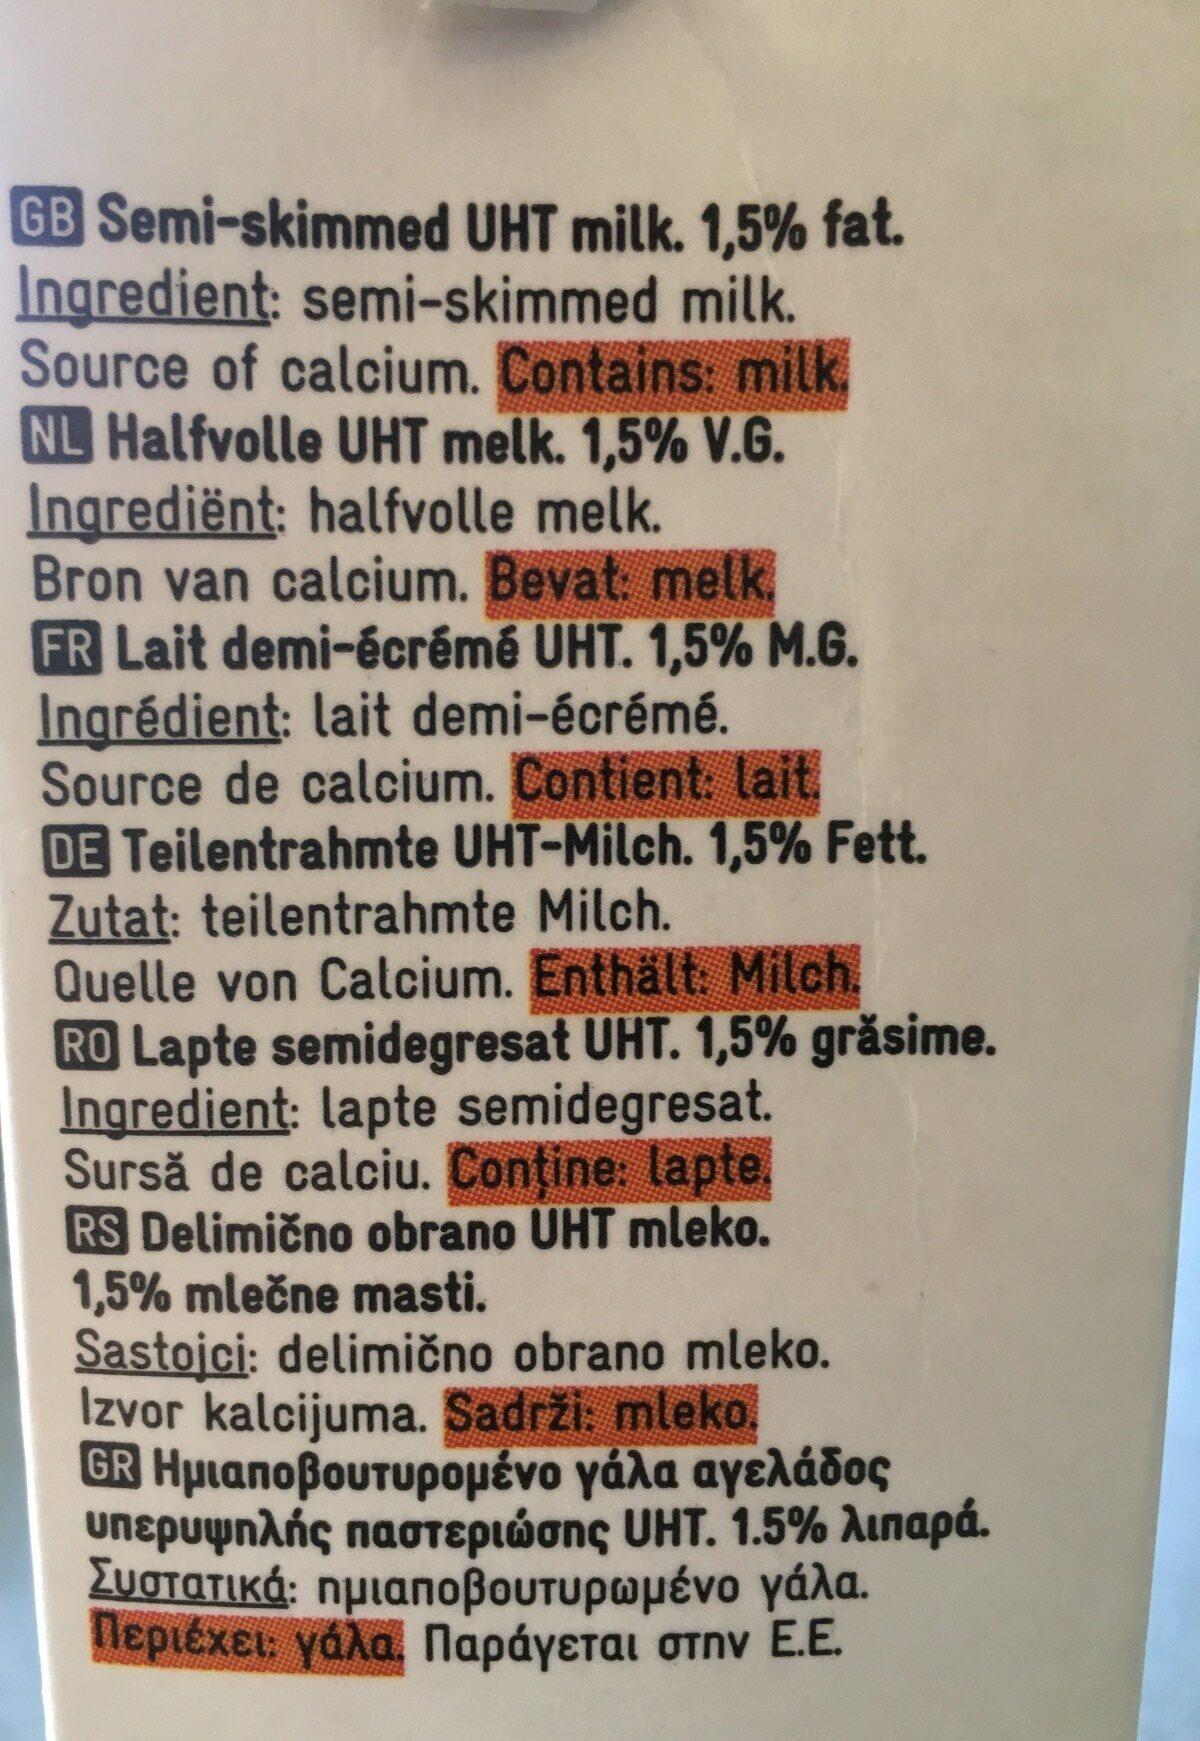 Lait demi-écrémé - Ingredients - en